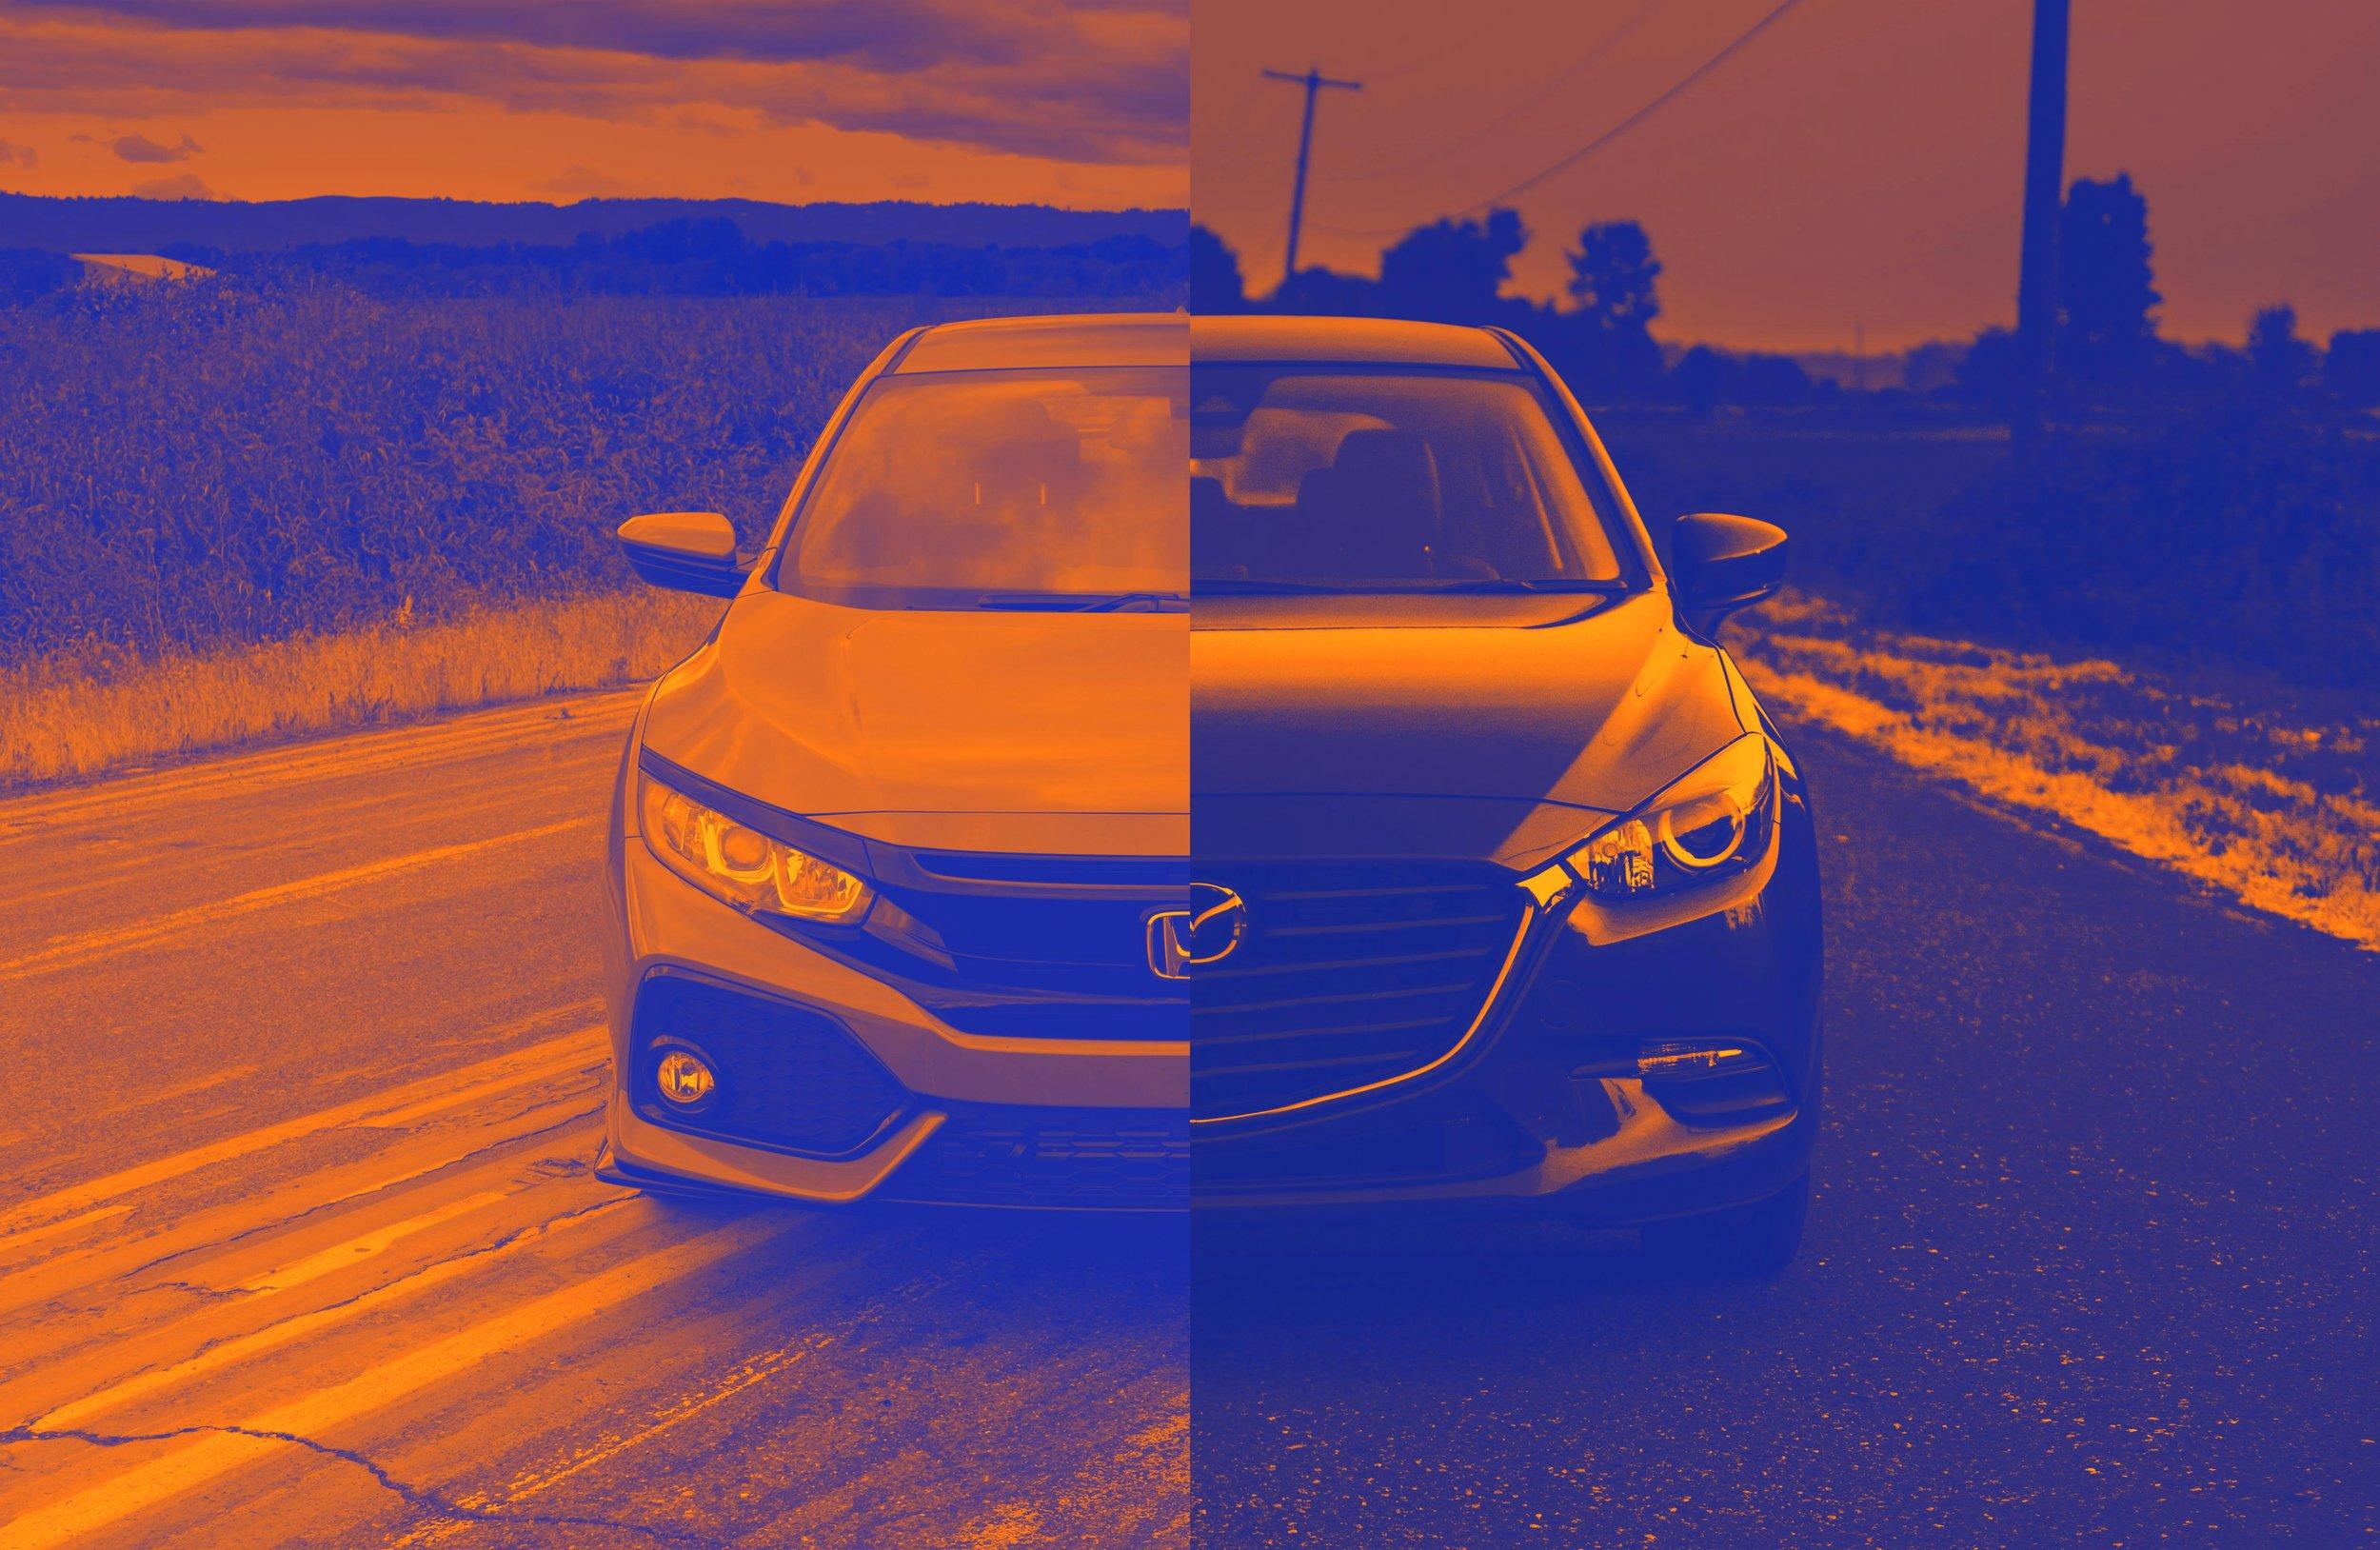 Mazda-Vs-Honda-Header.jpg